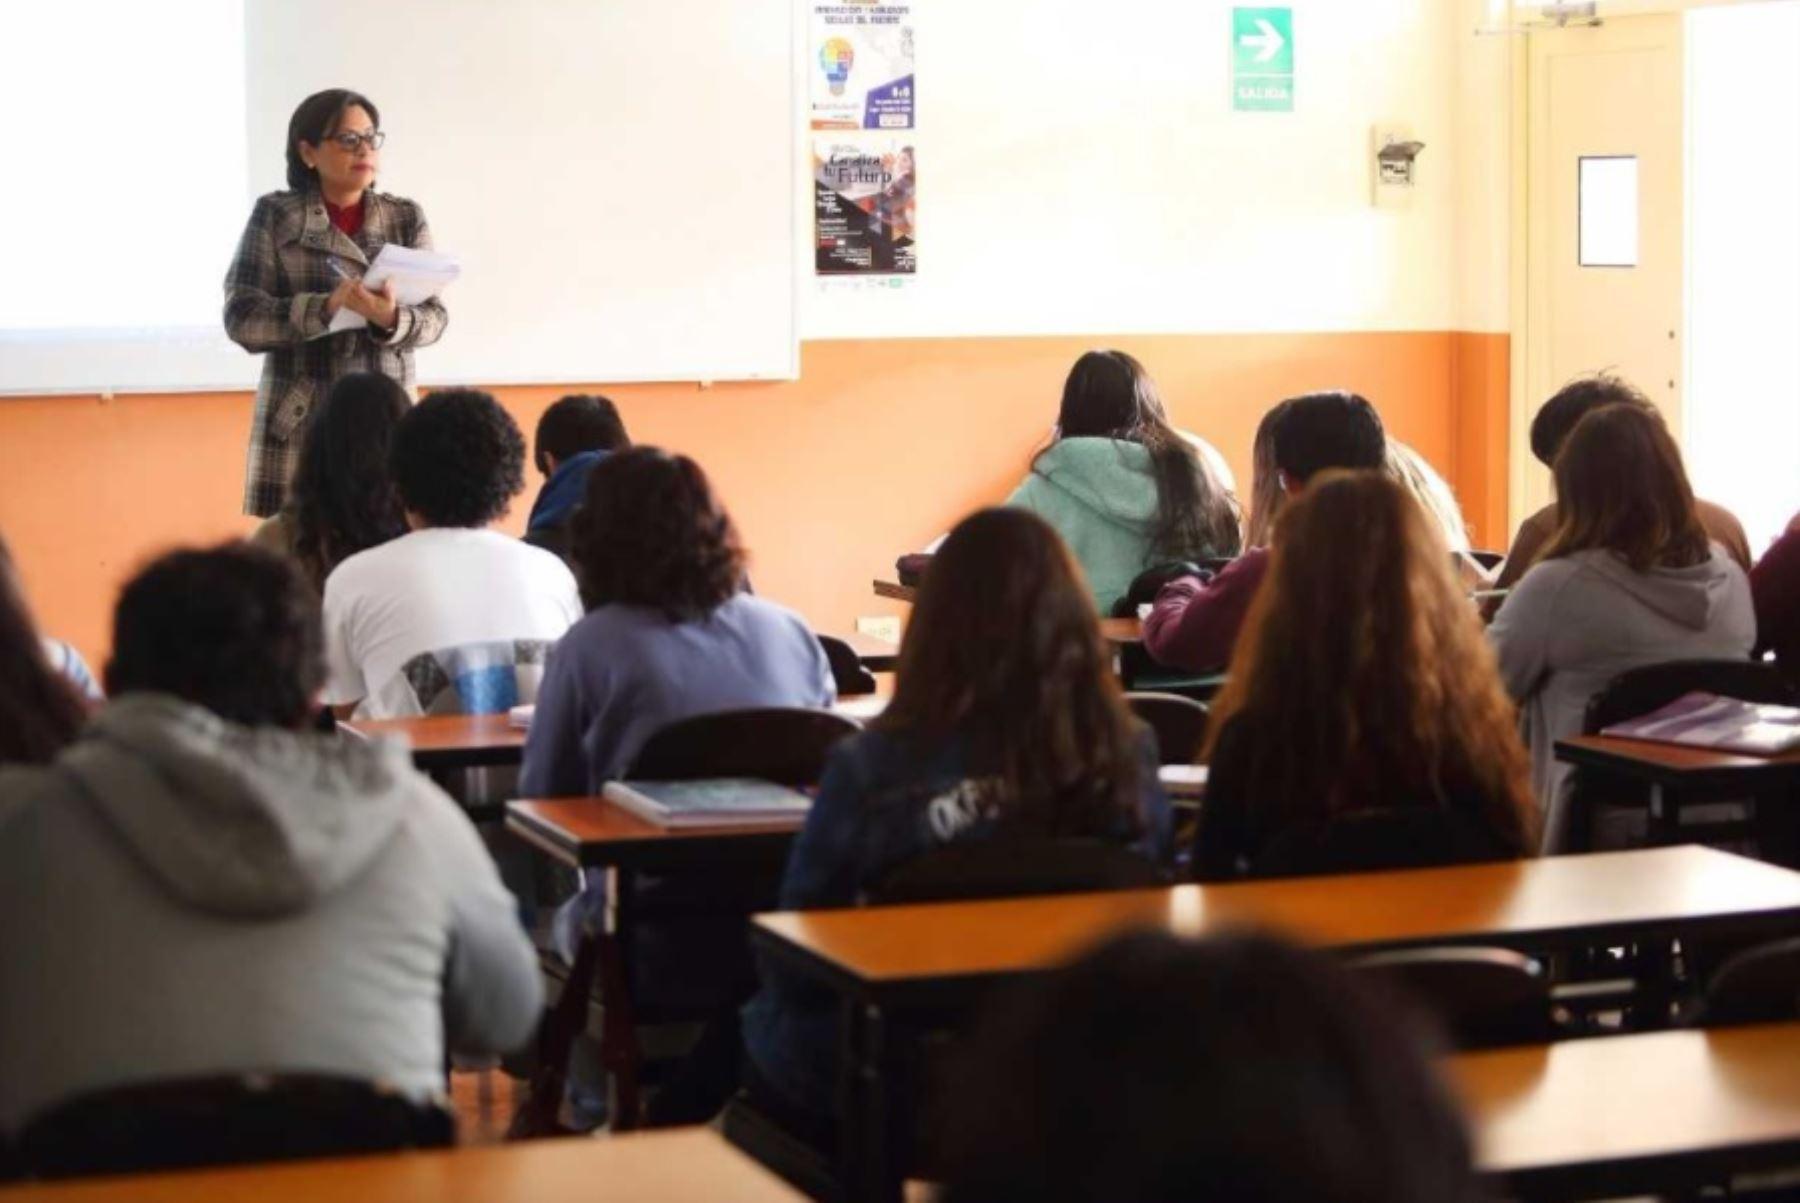 Fortalecer la formación del capital humano a través de la mejora de la calidad de la oferta educativa es el objetivo de los convenios que ocho regiones han firmado con el Sistema Nacional de Evaluación, Acreditación y Certificación de la Calidad Educativa (Sineace).